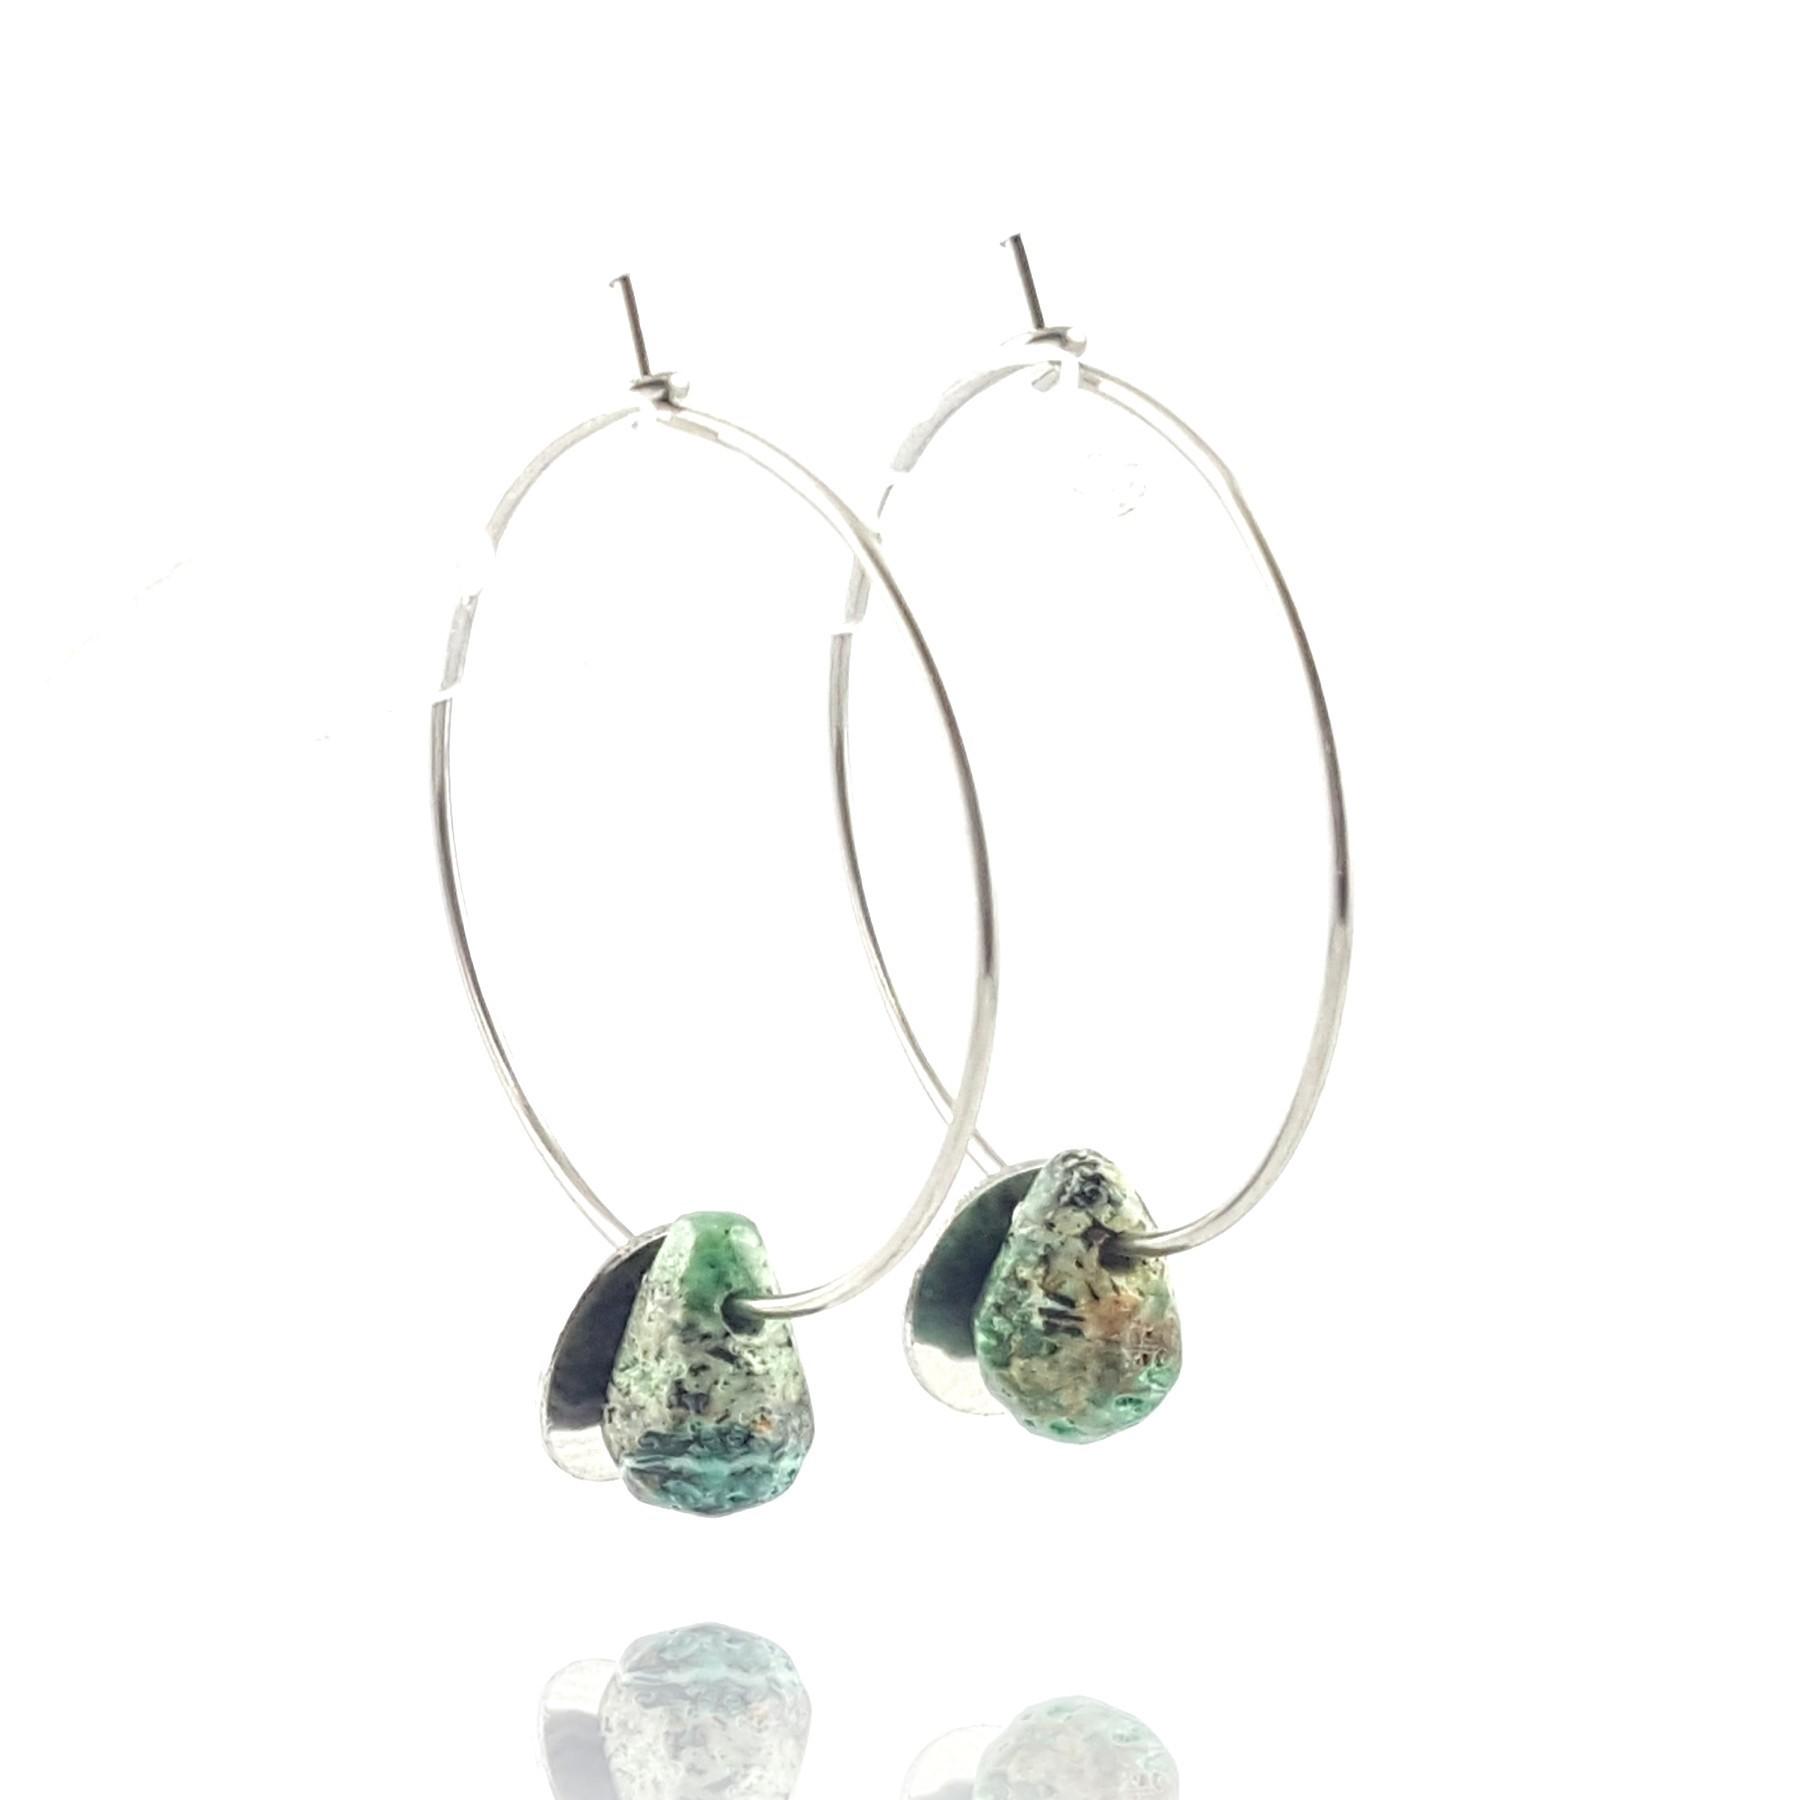 Boucles d'oreilles créoles turquoise africaine